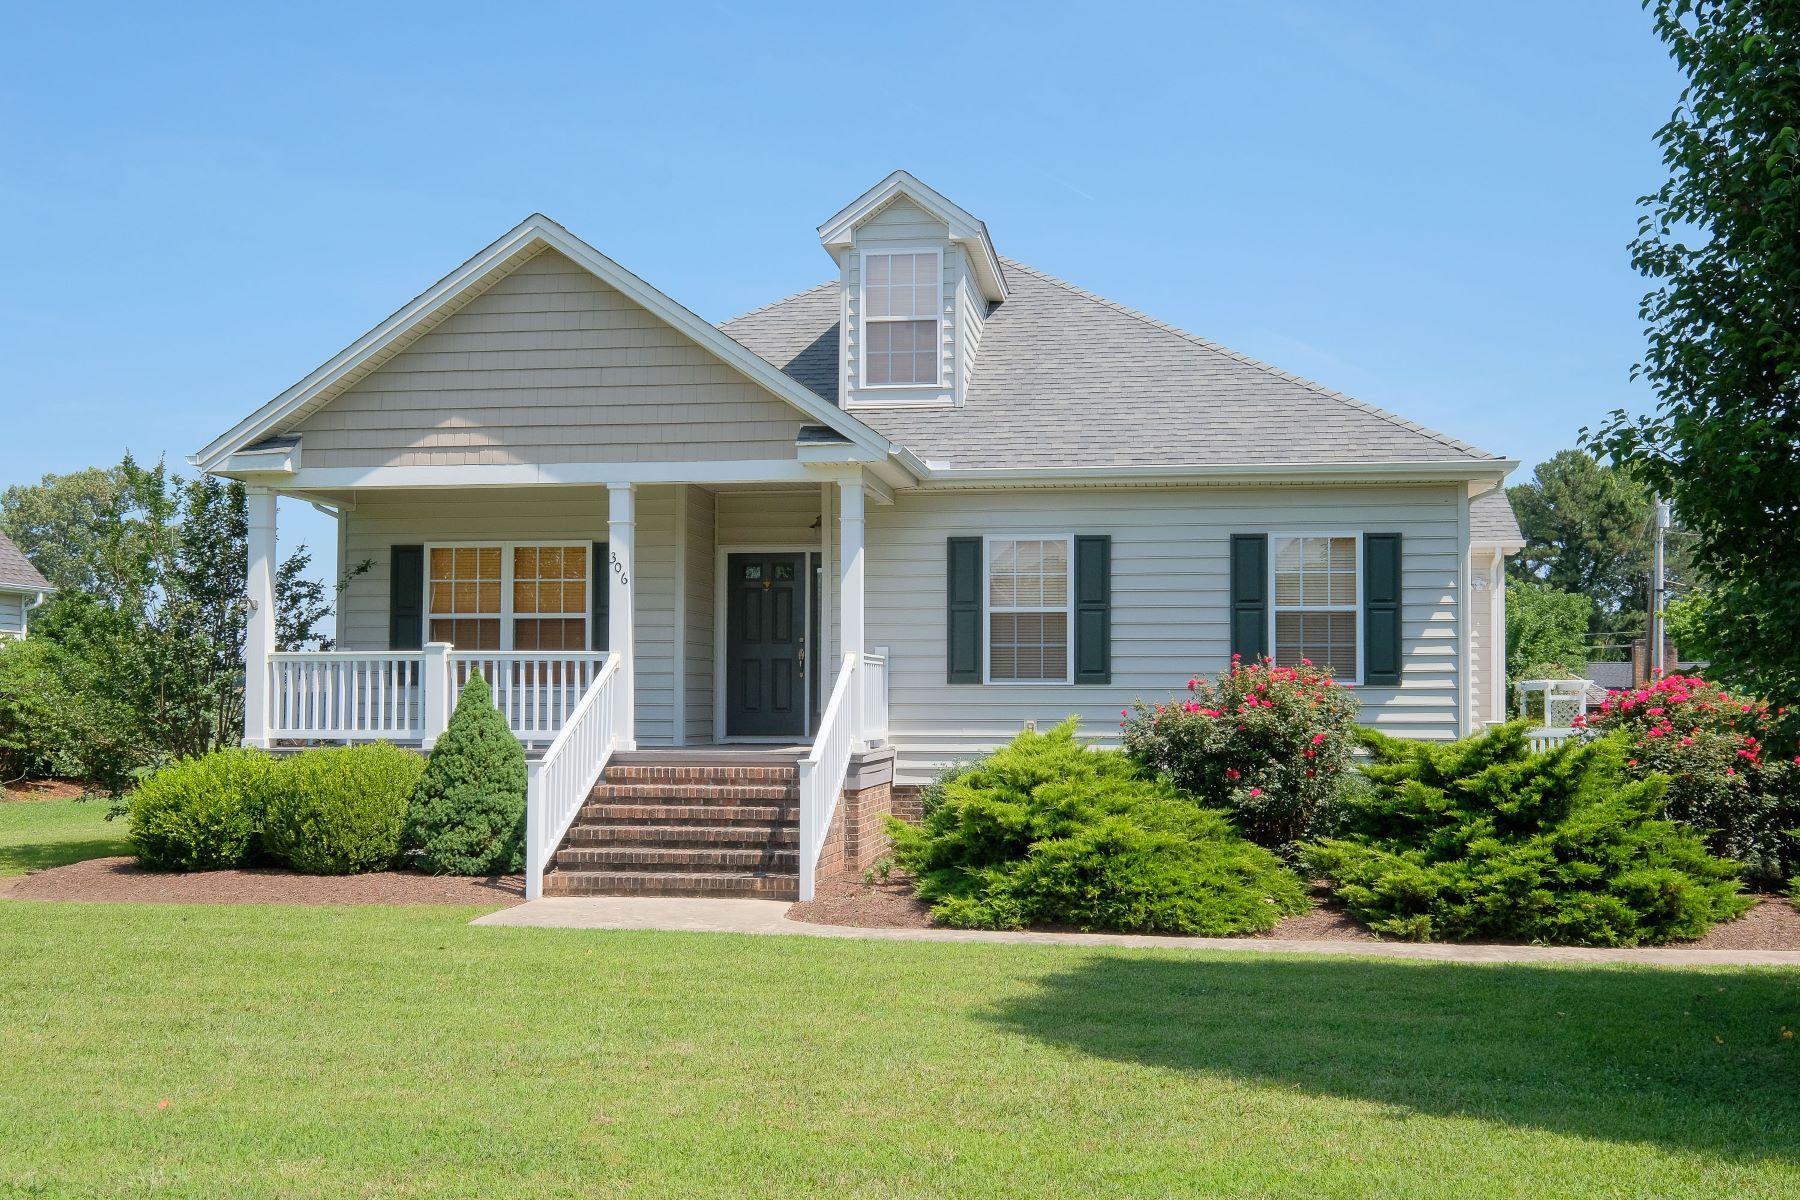 独户住宅 为 销售 在 MOVE IN READY 306 Robin Lane, 登顿, 北卡罗来纳州, 27932 美国